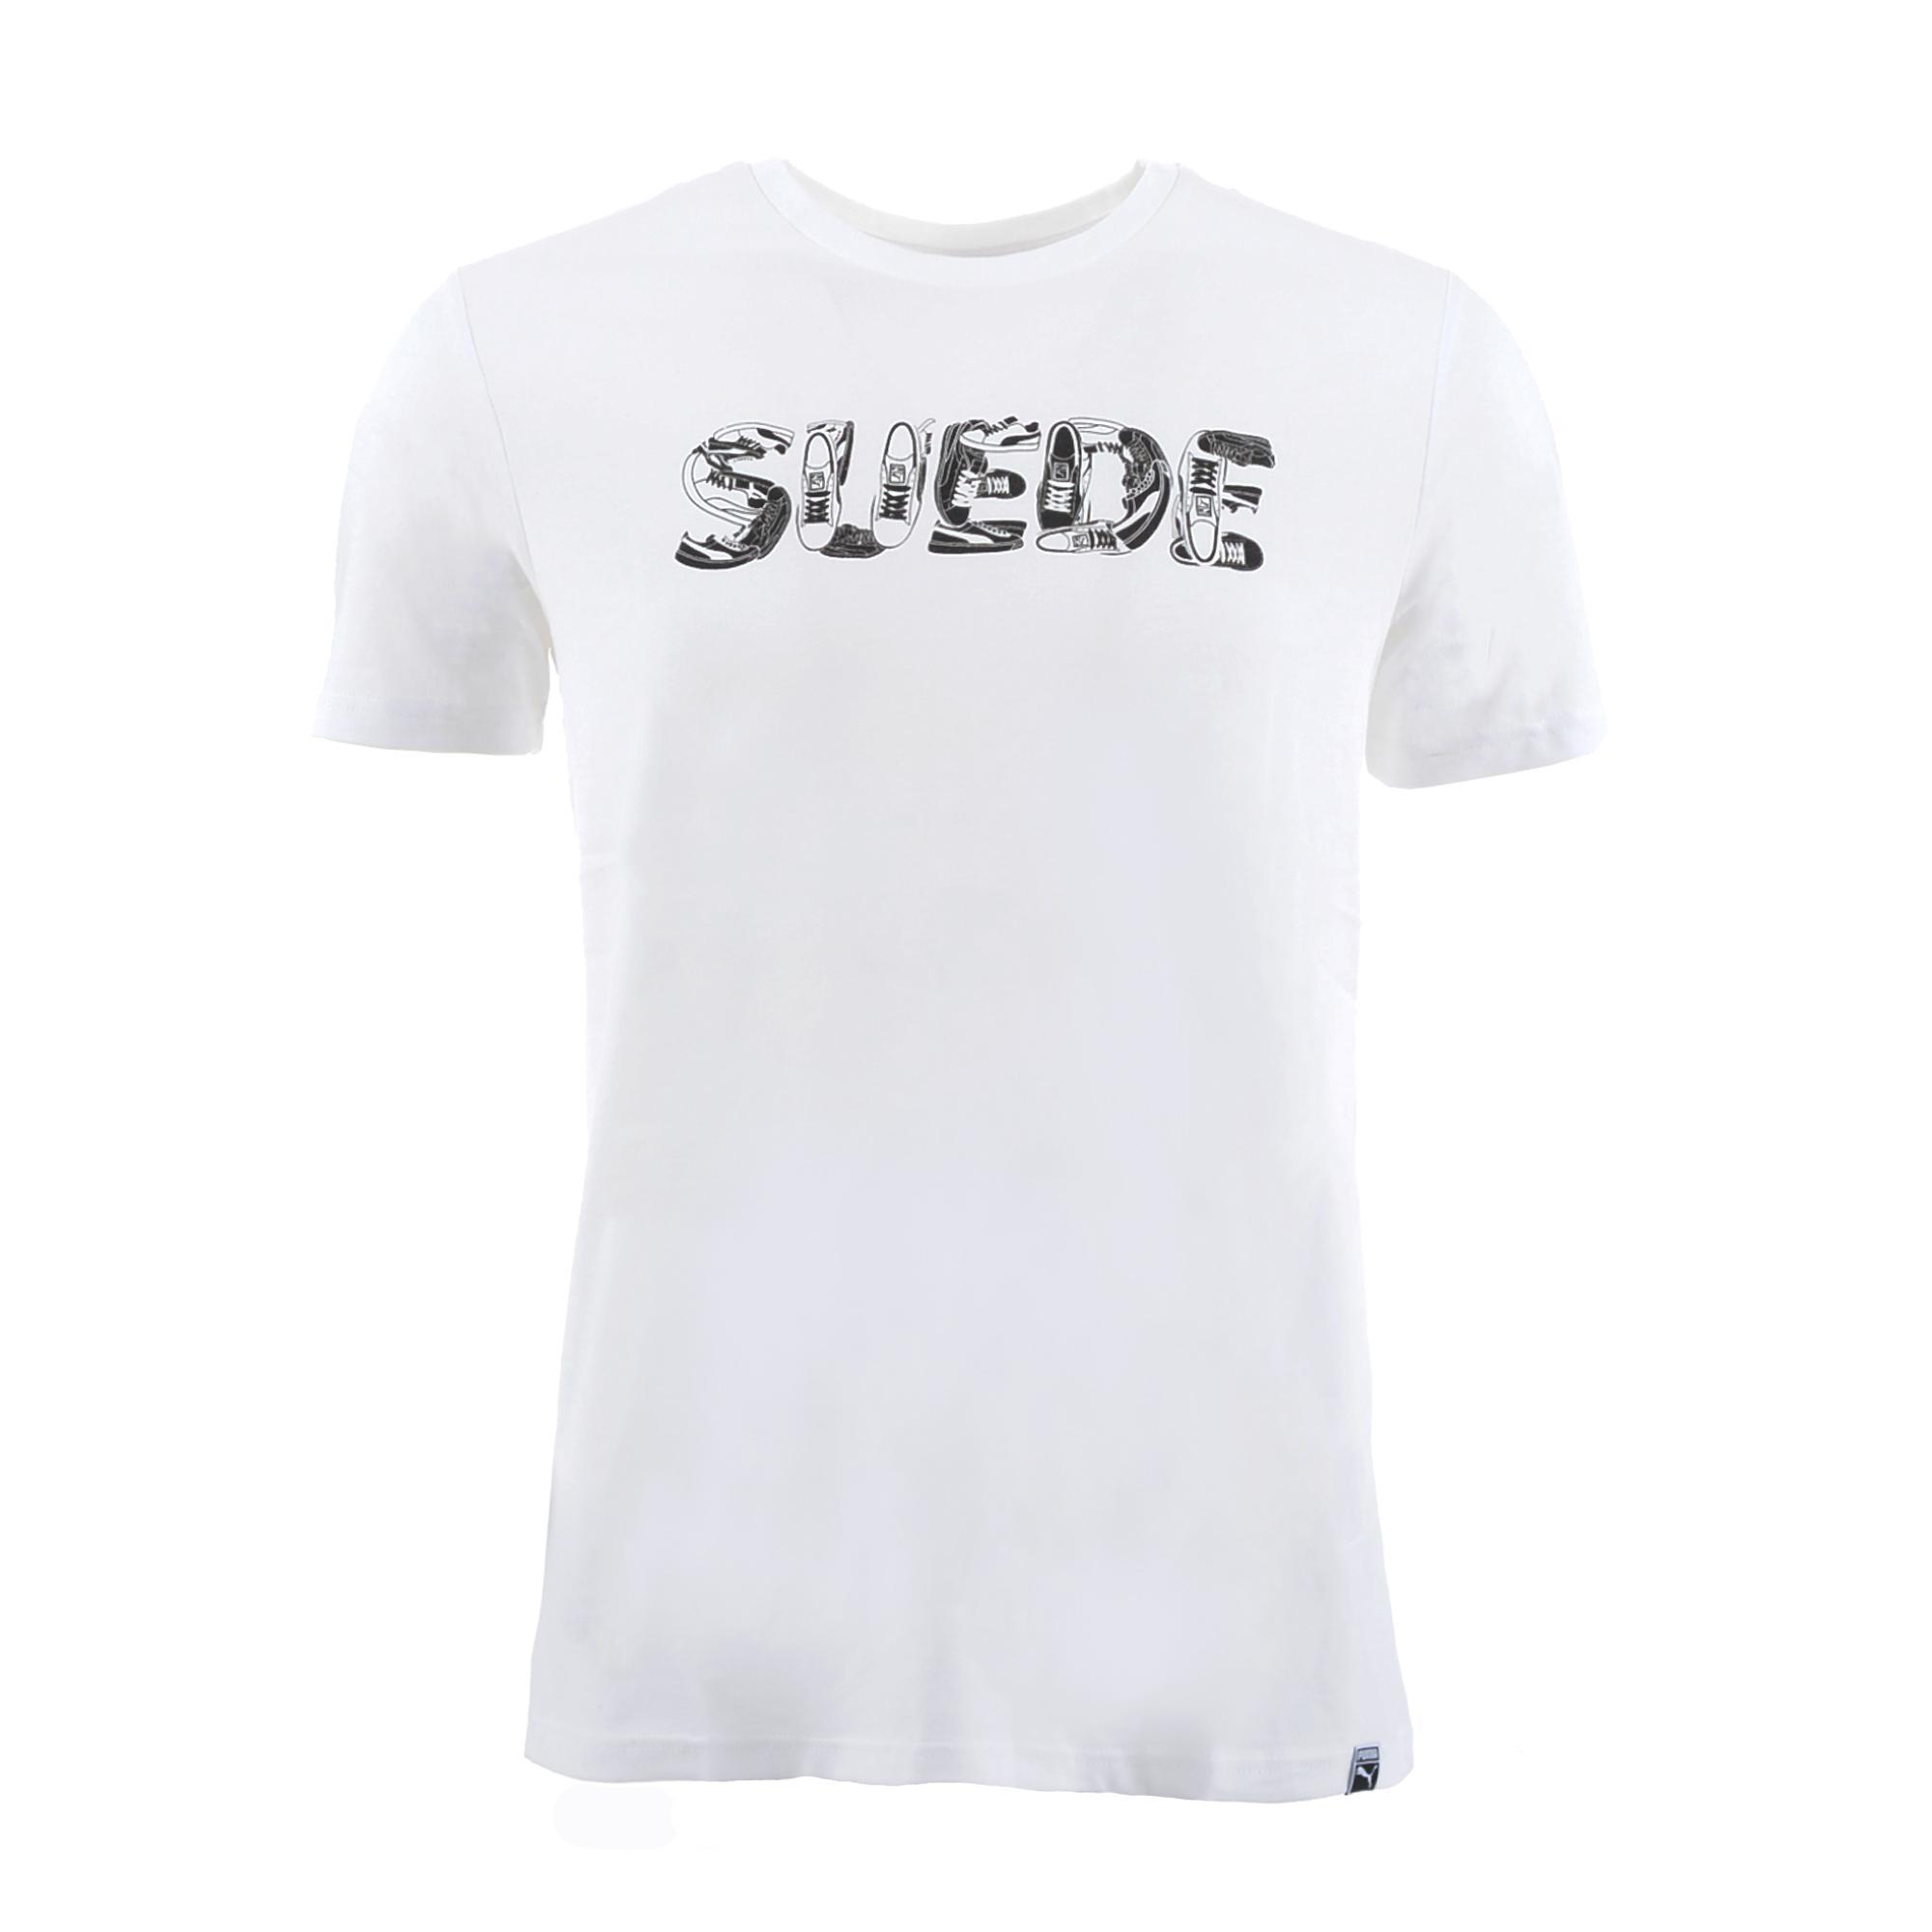 Puma T-shirt Suede Celebration